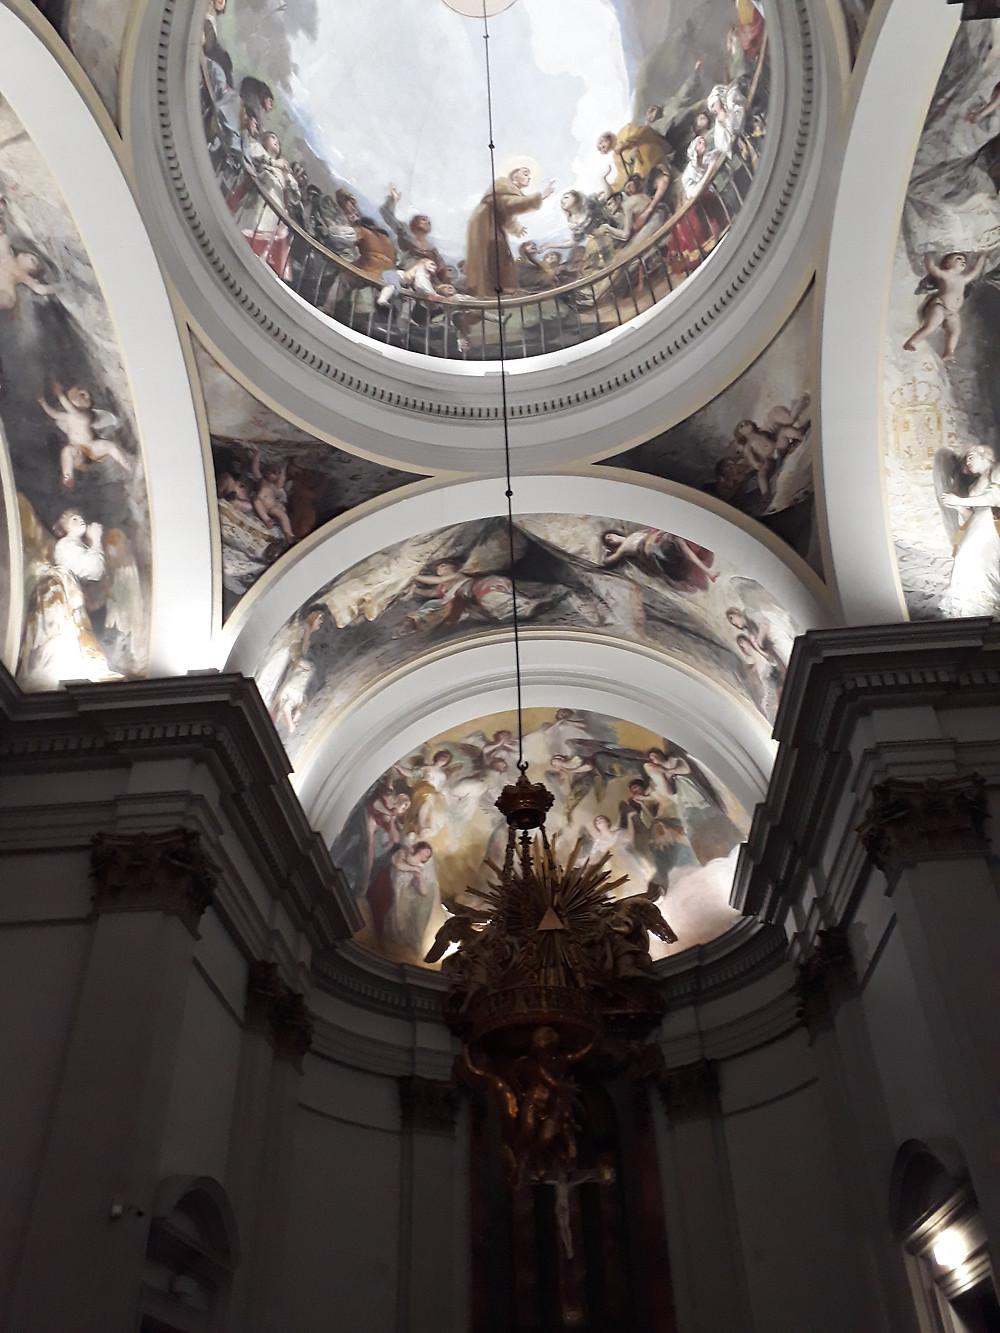 הפרסקו של גויה בכנסיית סן אנטוניו לה פלורידה במדריד צילום: אושרת אביחצירה פרזם